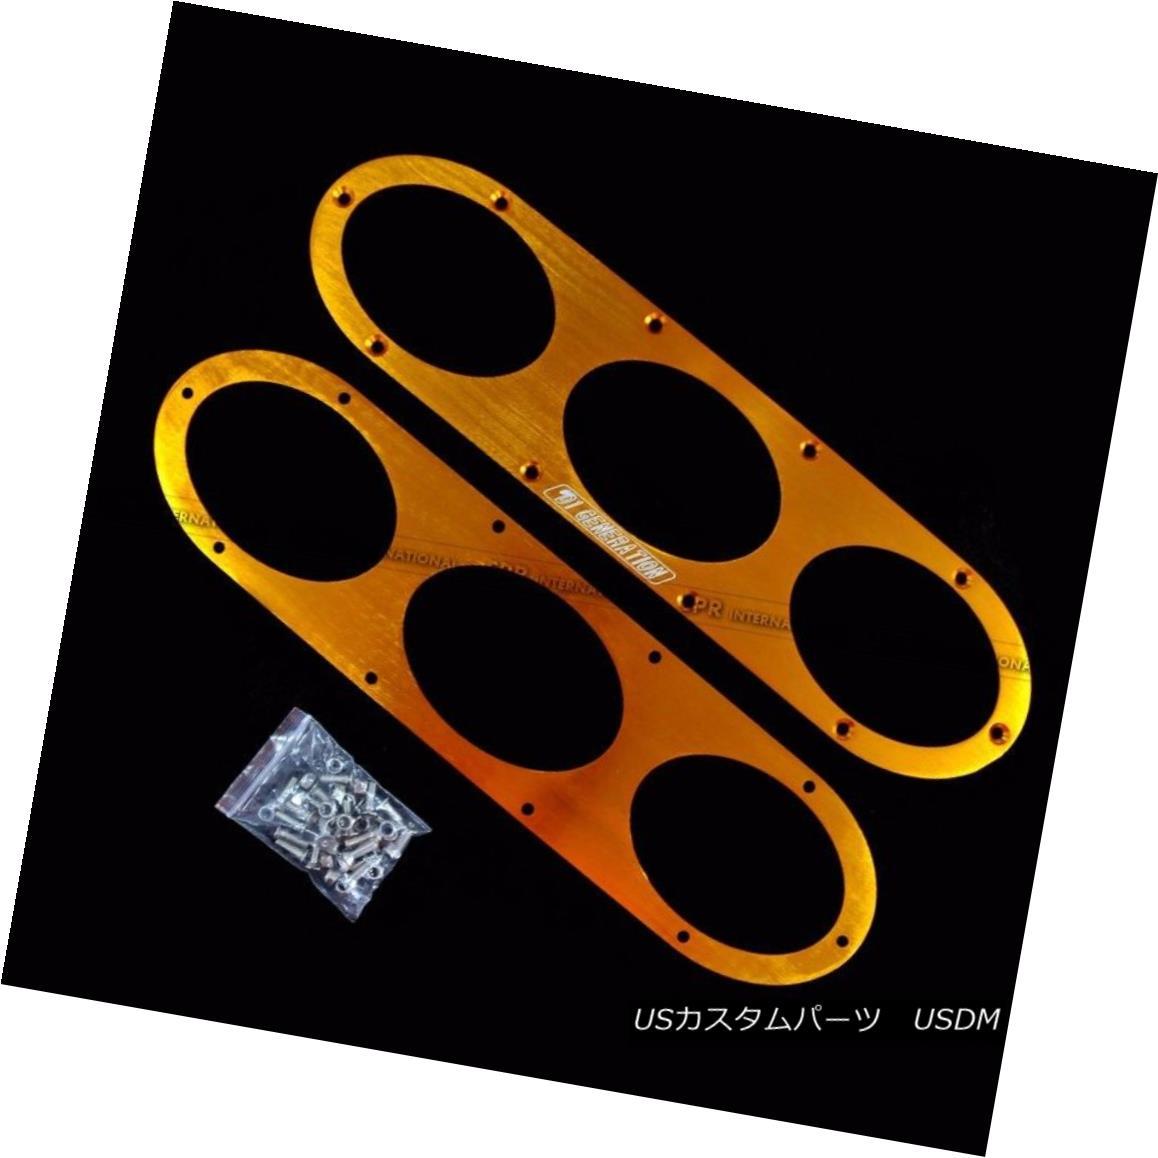 エアロパーツ Aluminium Universal Car Rear Bumper Air Diversion Diffuser Panel 2pcs (Gold) アルミニウムユニバーサルカーリアバンパーエアーディヴァージョンディフューザーパネル2本(金)